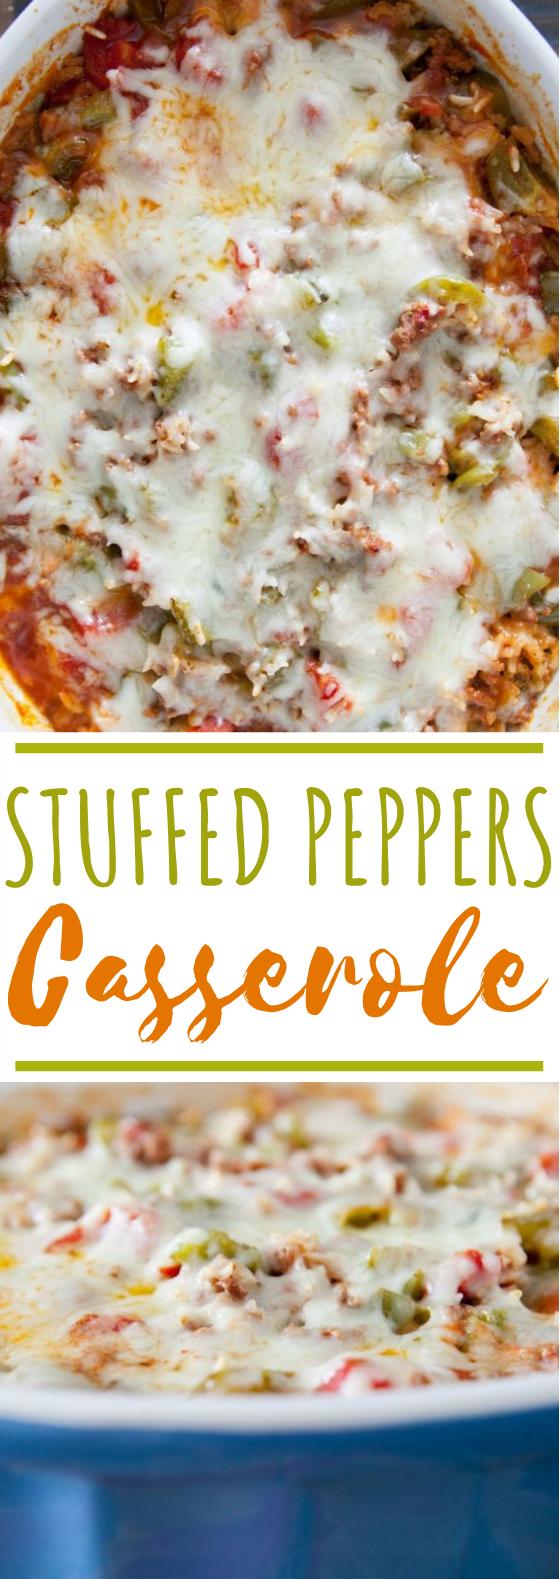 Stuffed Pepper Casserole #dinner #recipes #casserole #baked #comfortfood